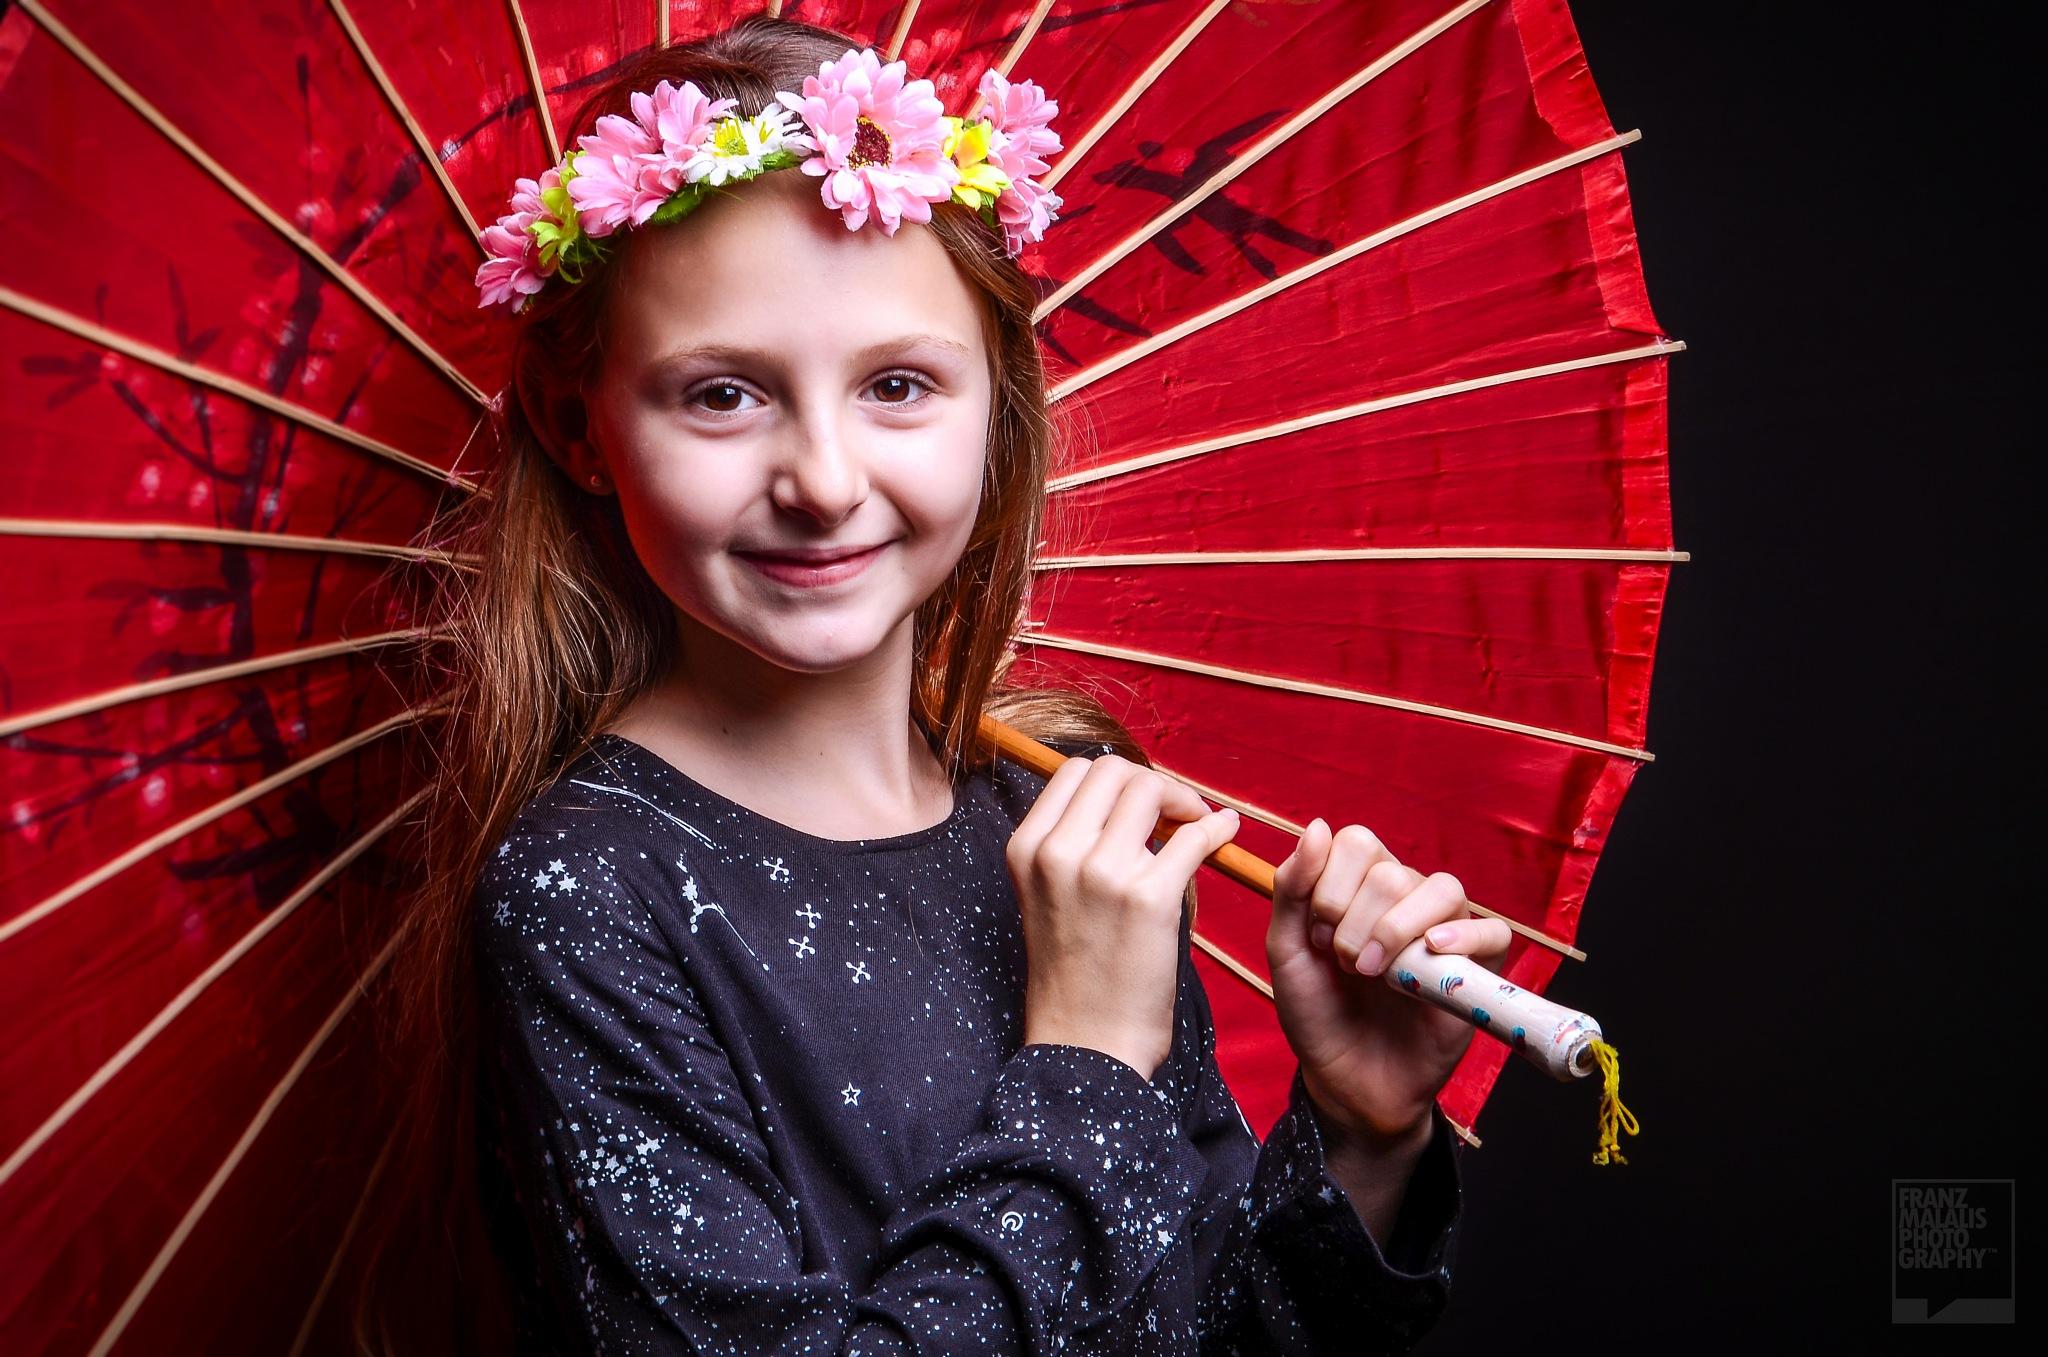 Fairy In Red Umbrella by MurdockFotografo